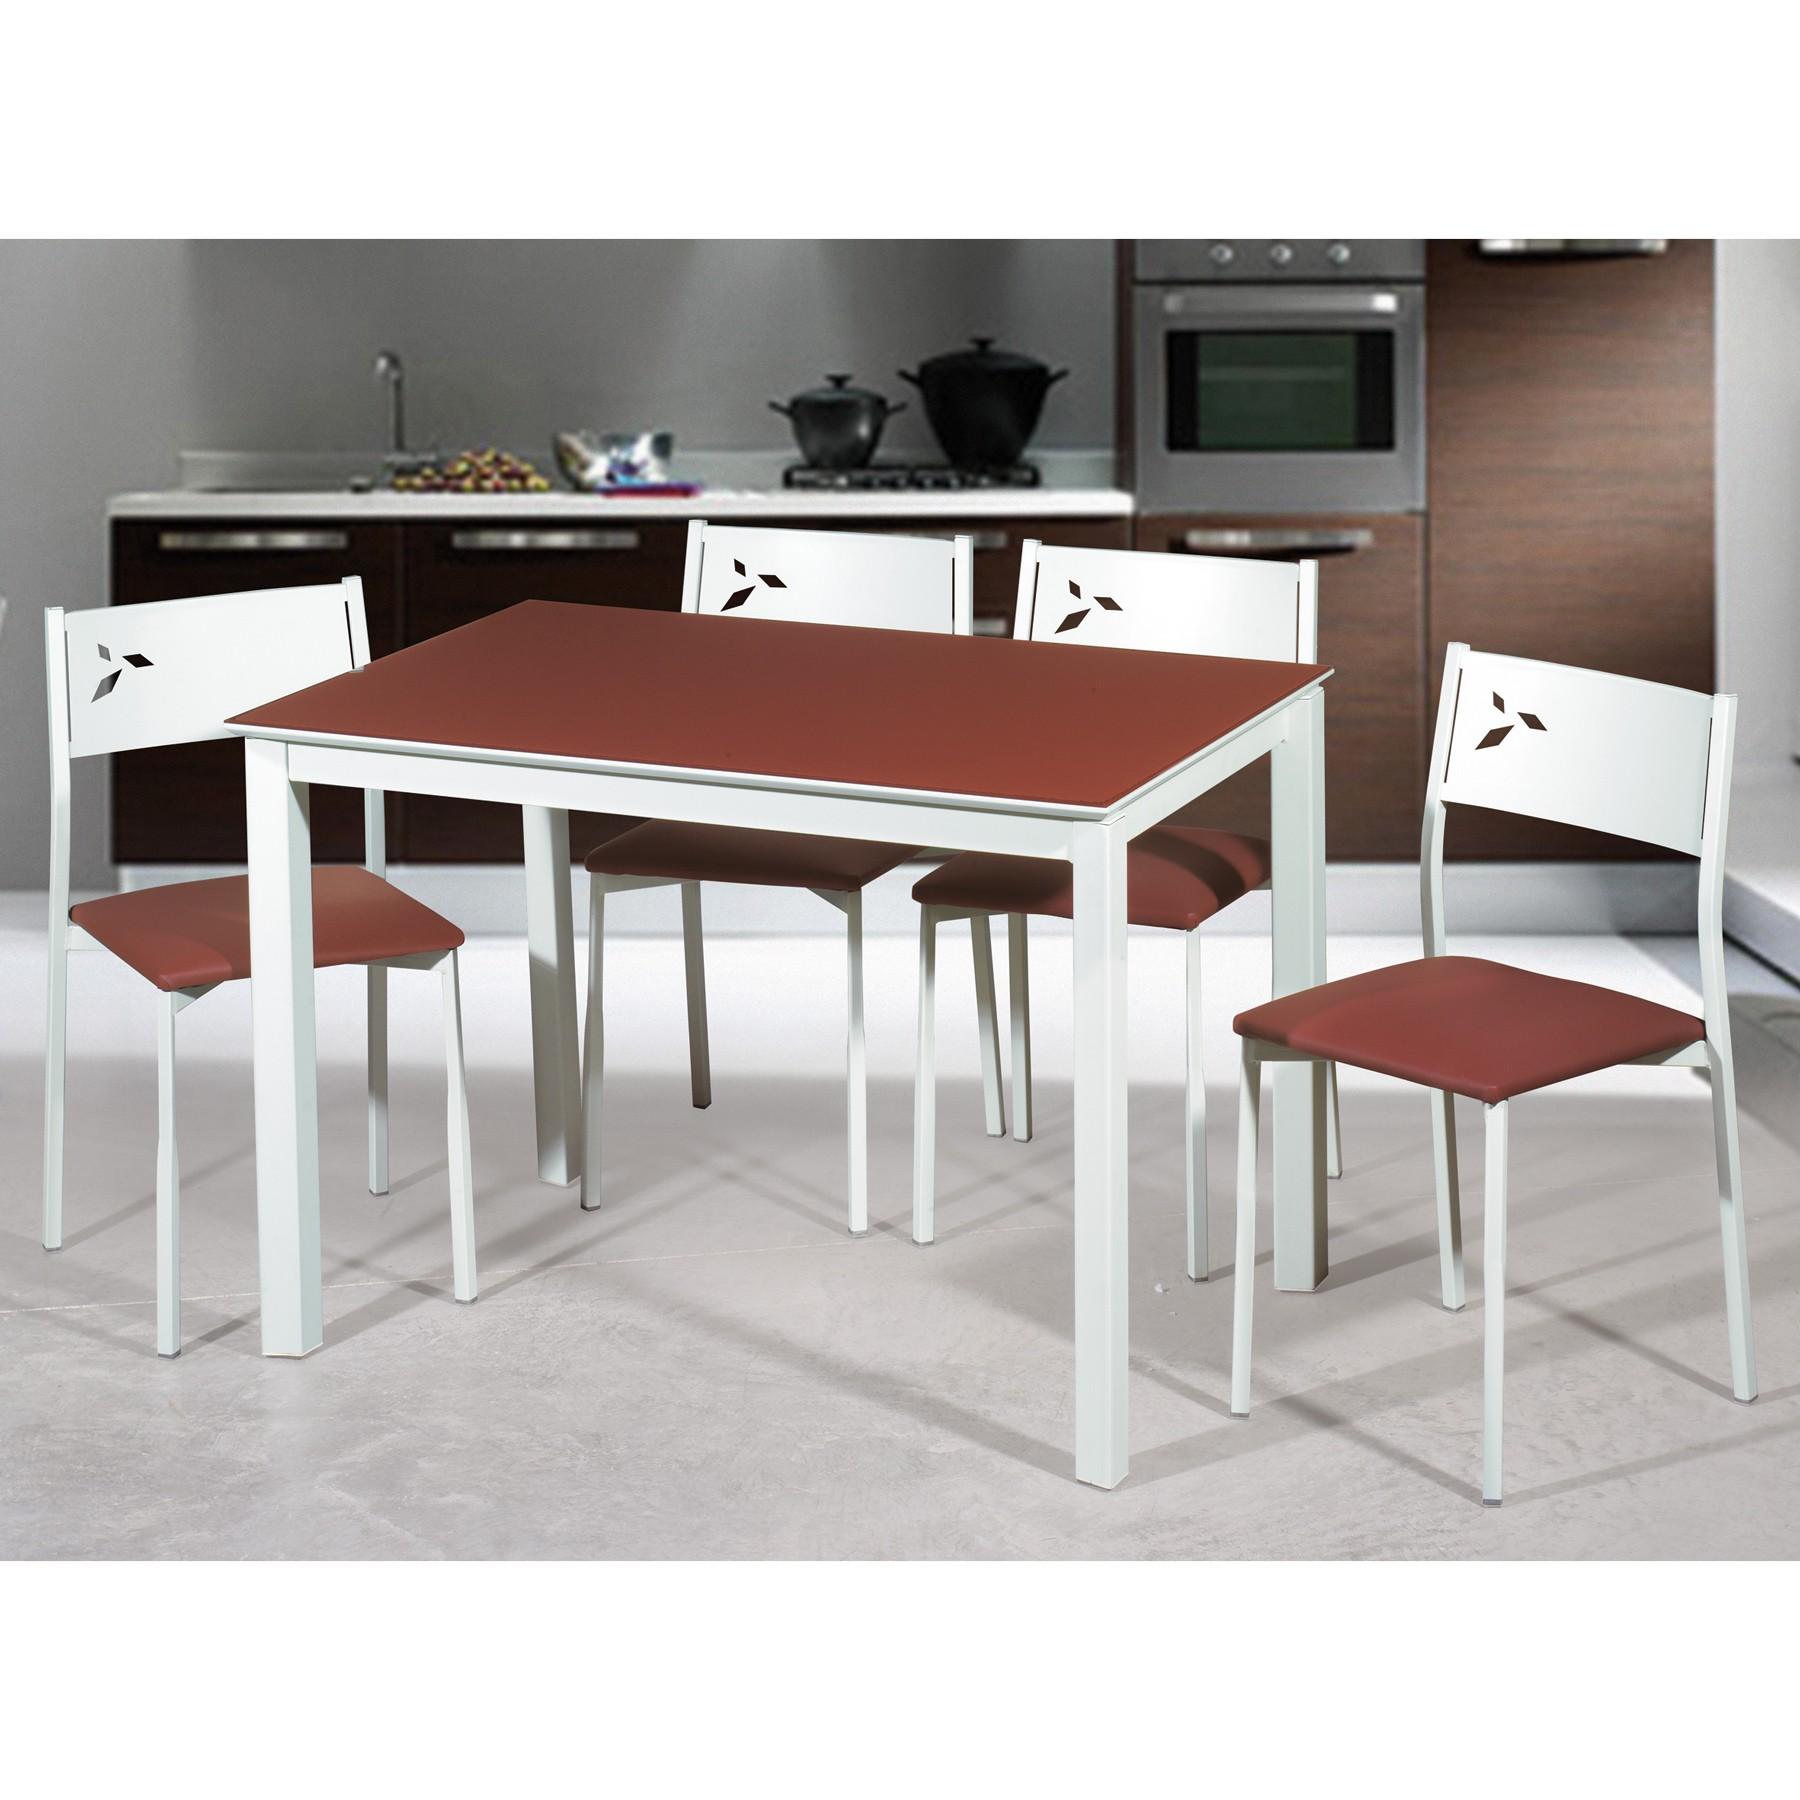 Mesa de cocina extensible lateral blanca white for Mesa cocina extensible ikea